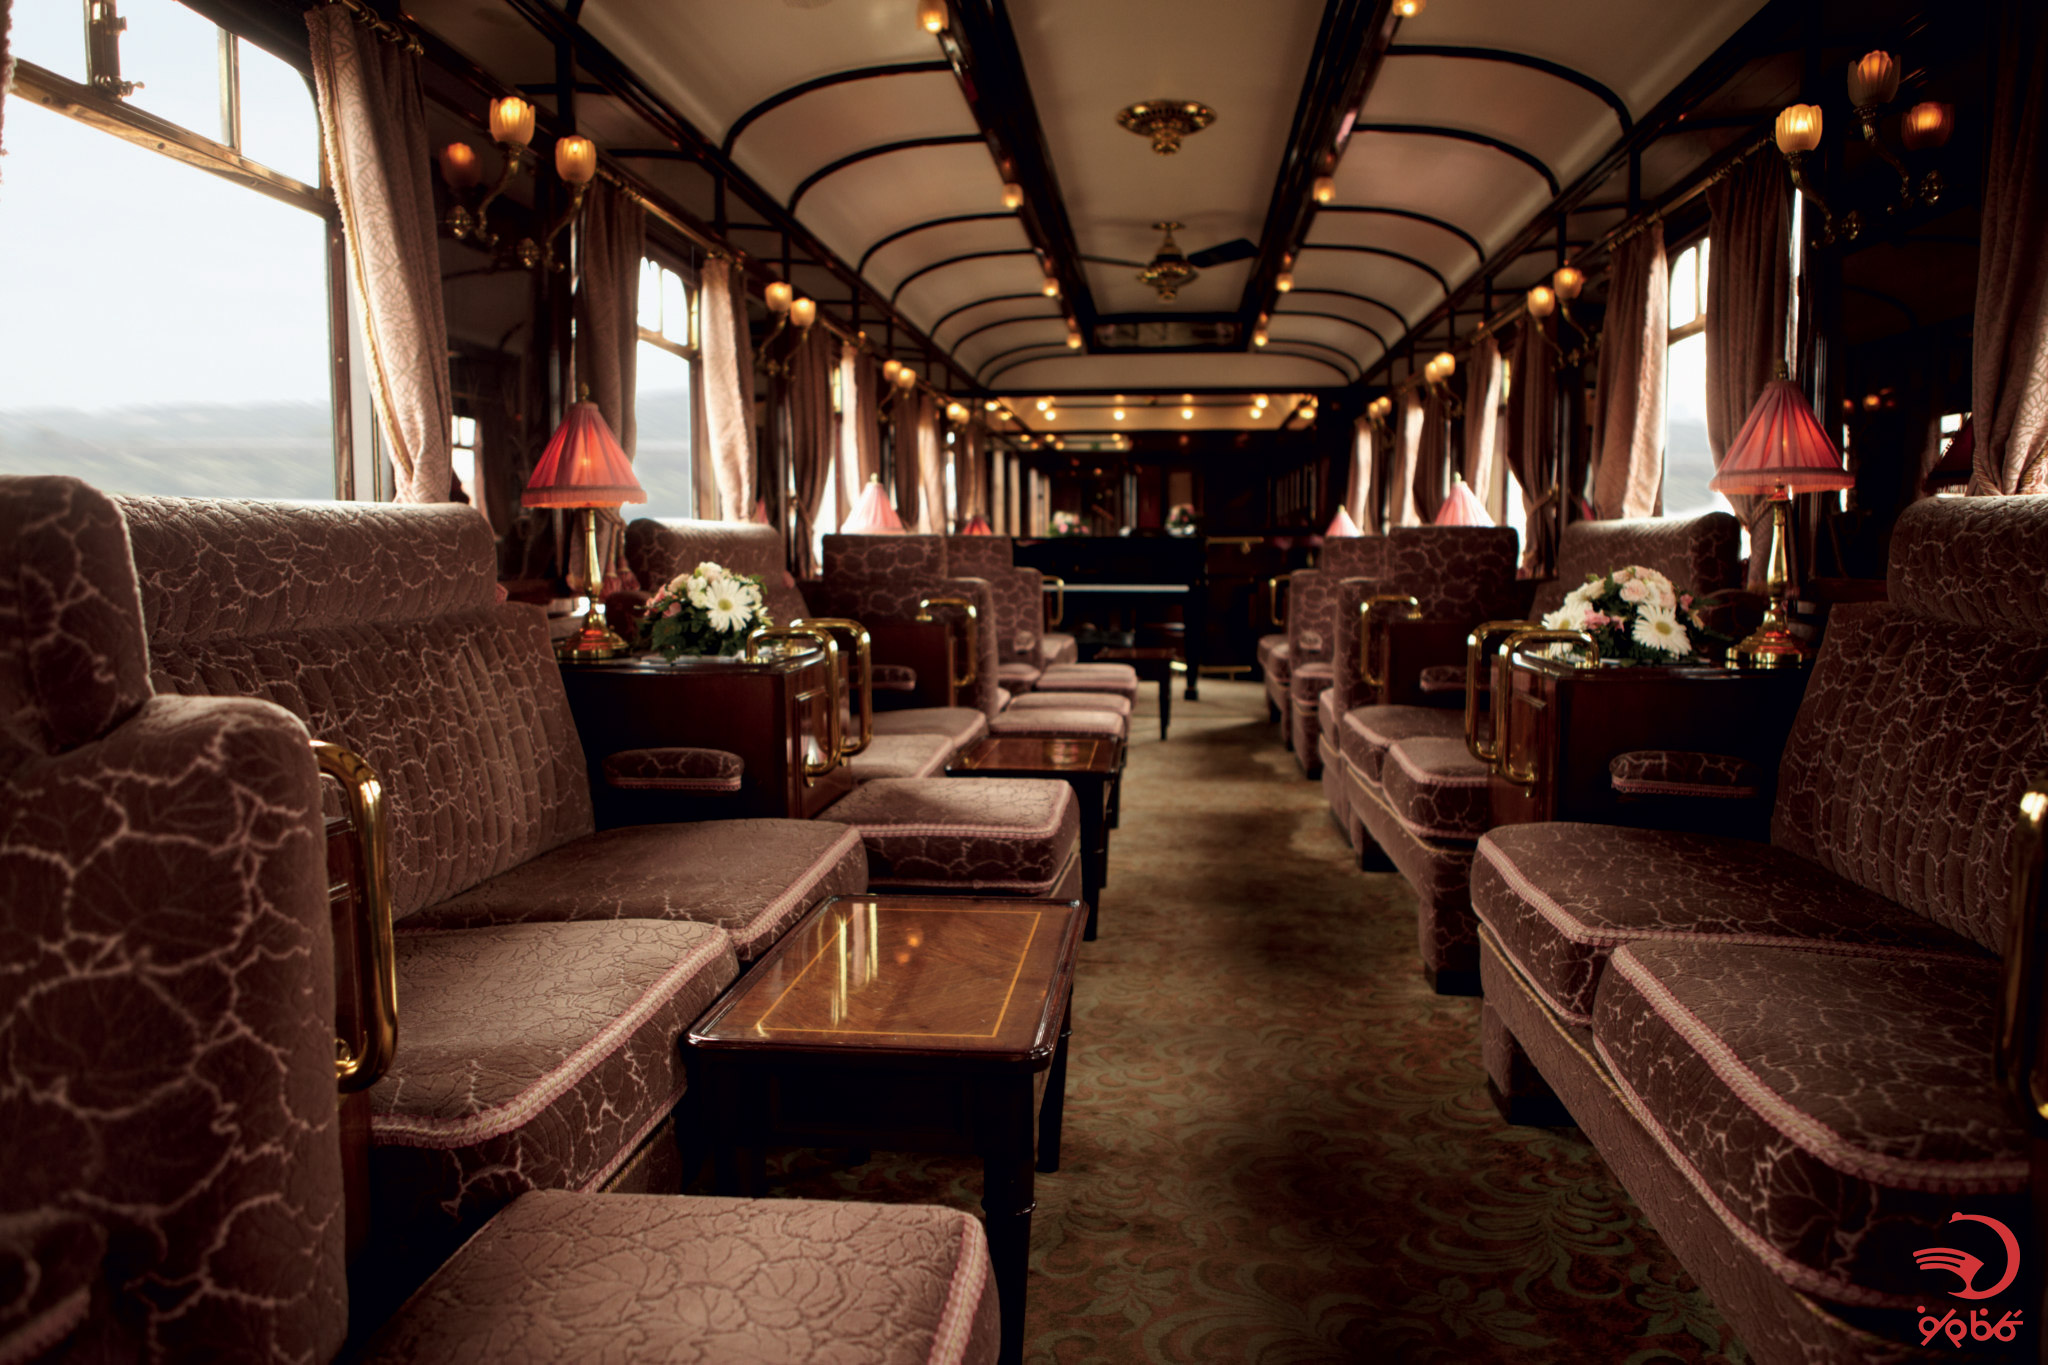 بازدید از قطار سیمپلون اوریِنت اکسپرس